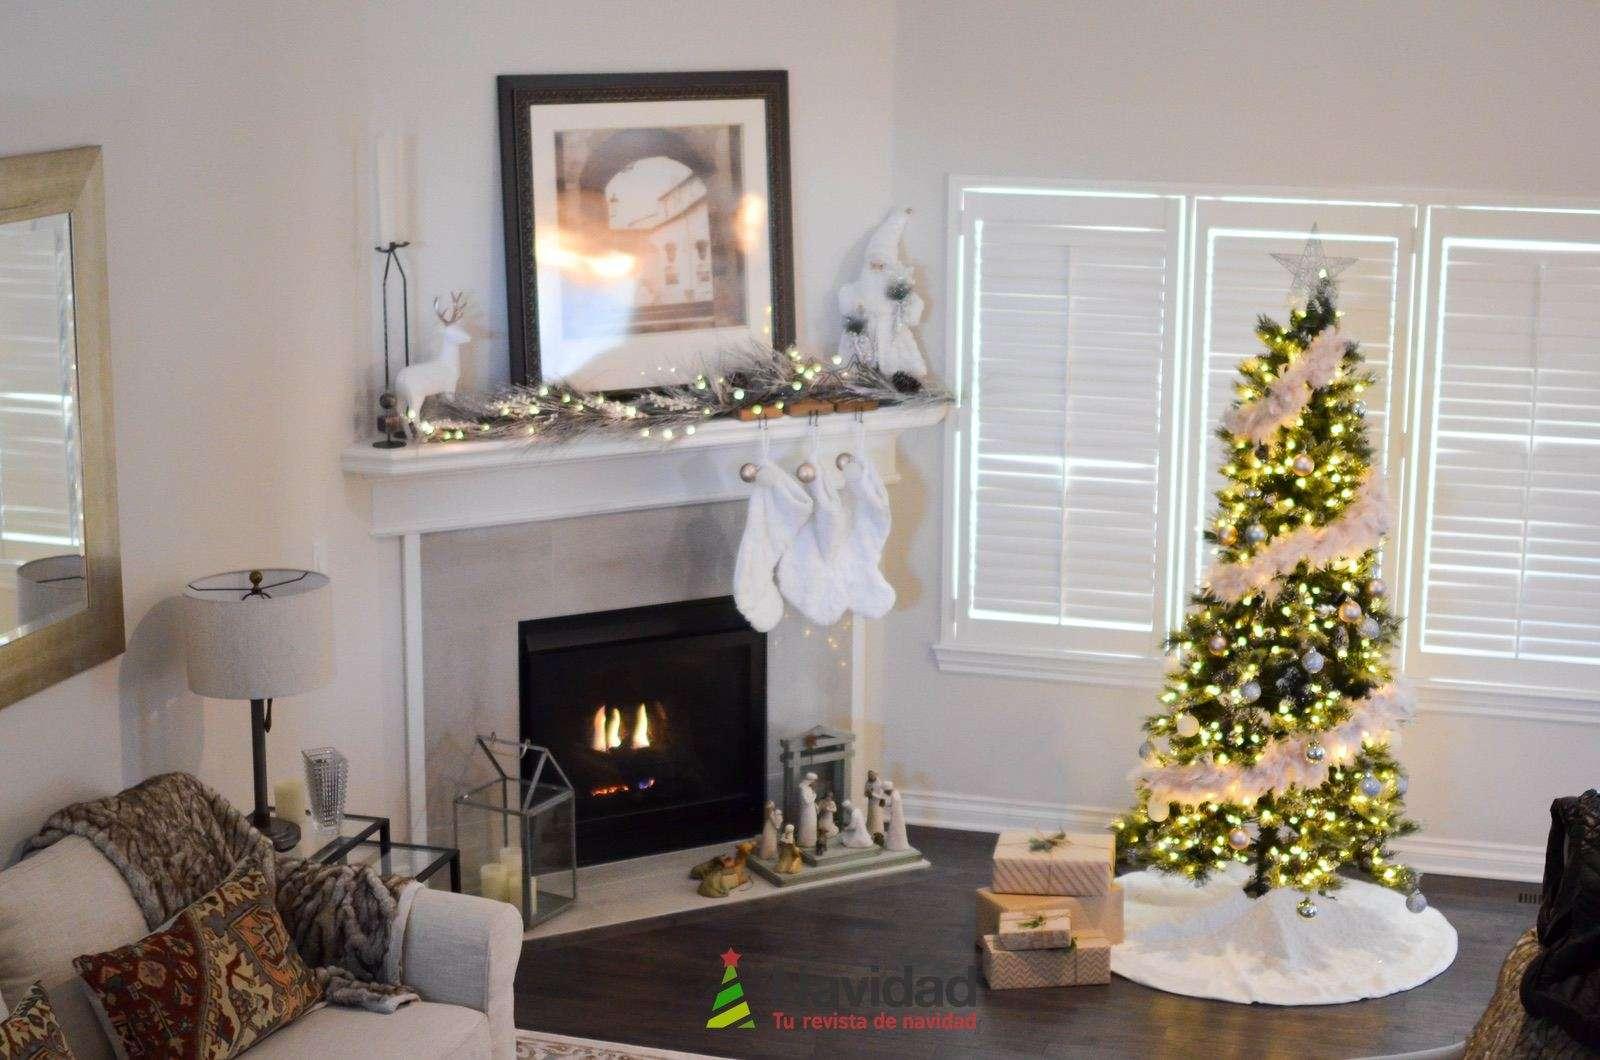 Chimeneas de Navidad para decorar y dar calor en fiestas 57